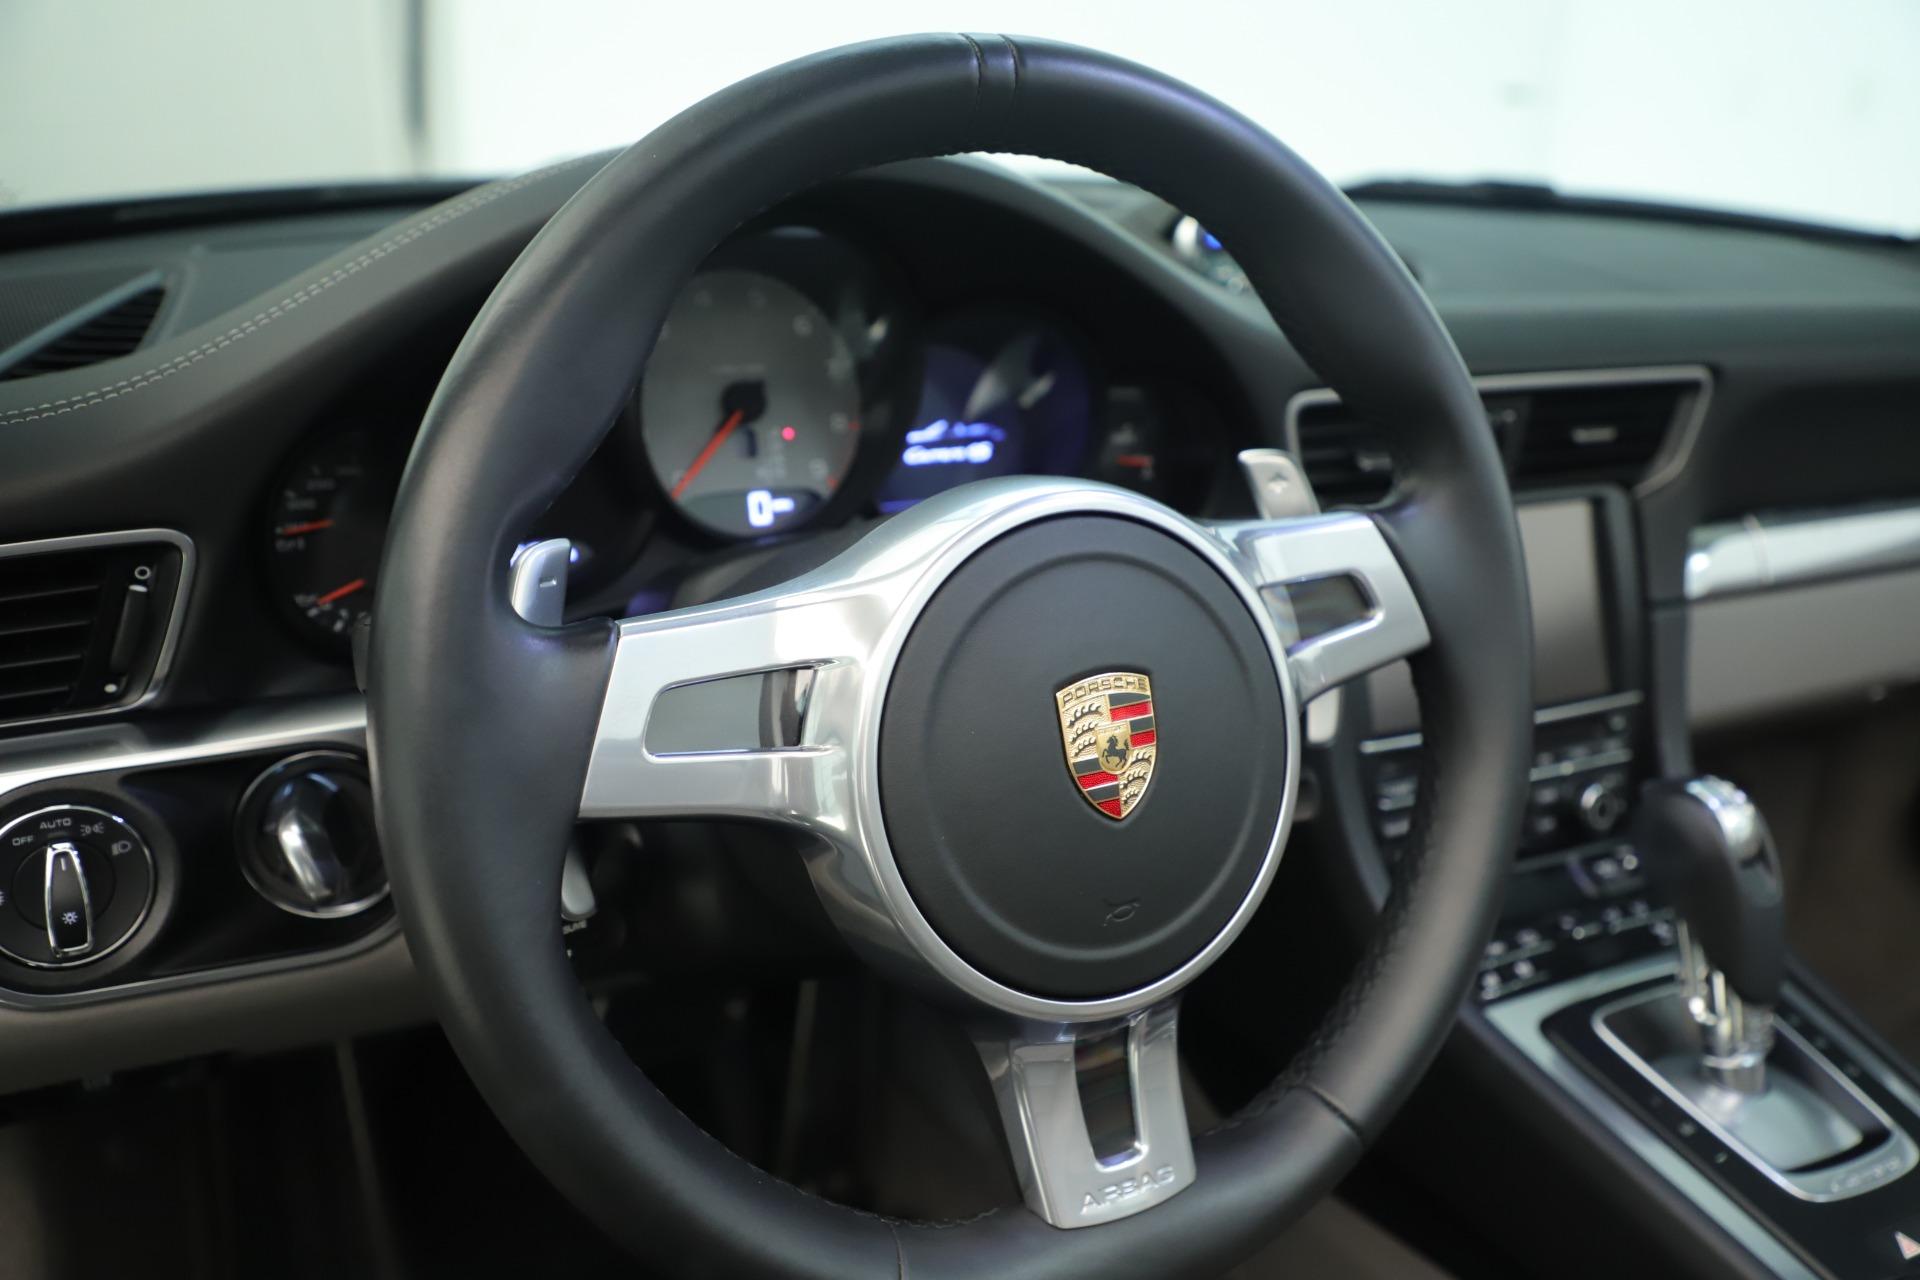 Used 2015 Porsche 911 Carrera 4S For Sale In Greenwich, CT 3383_p28